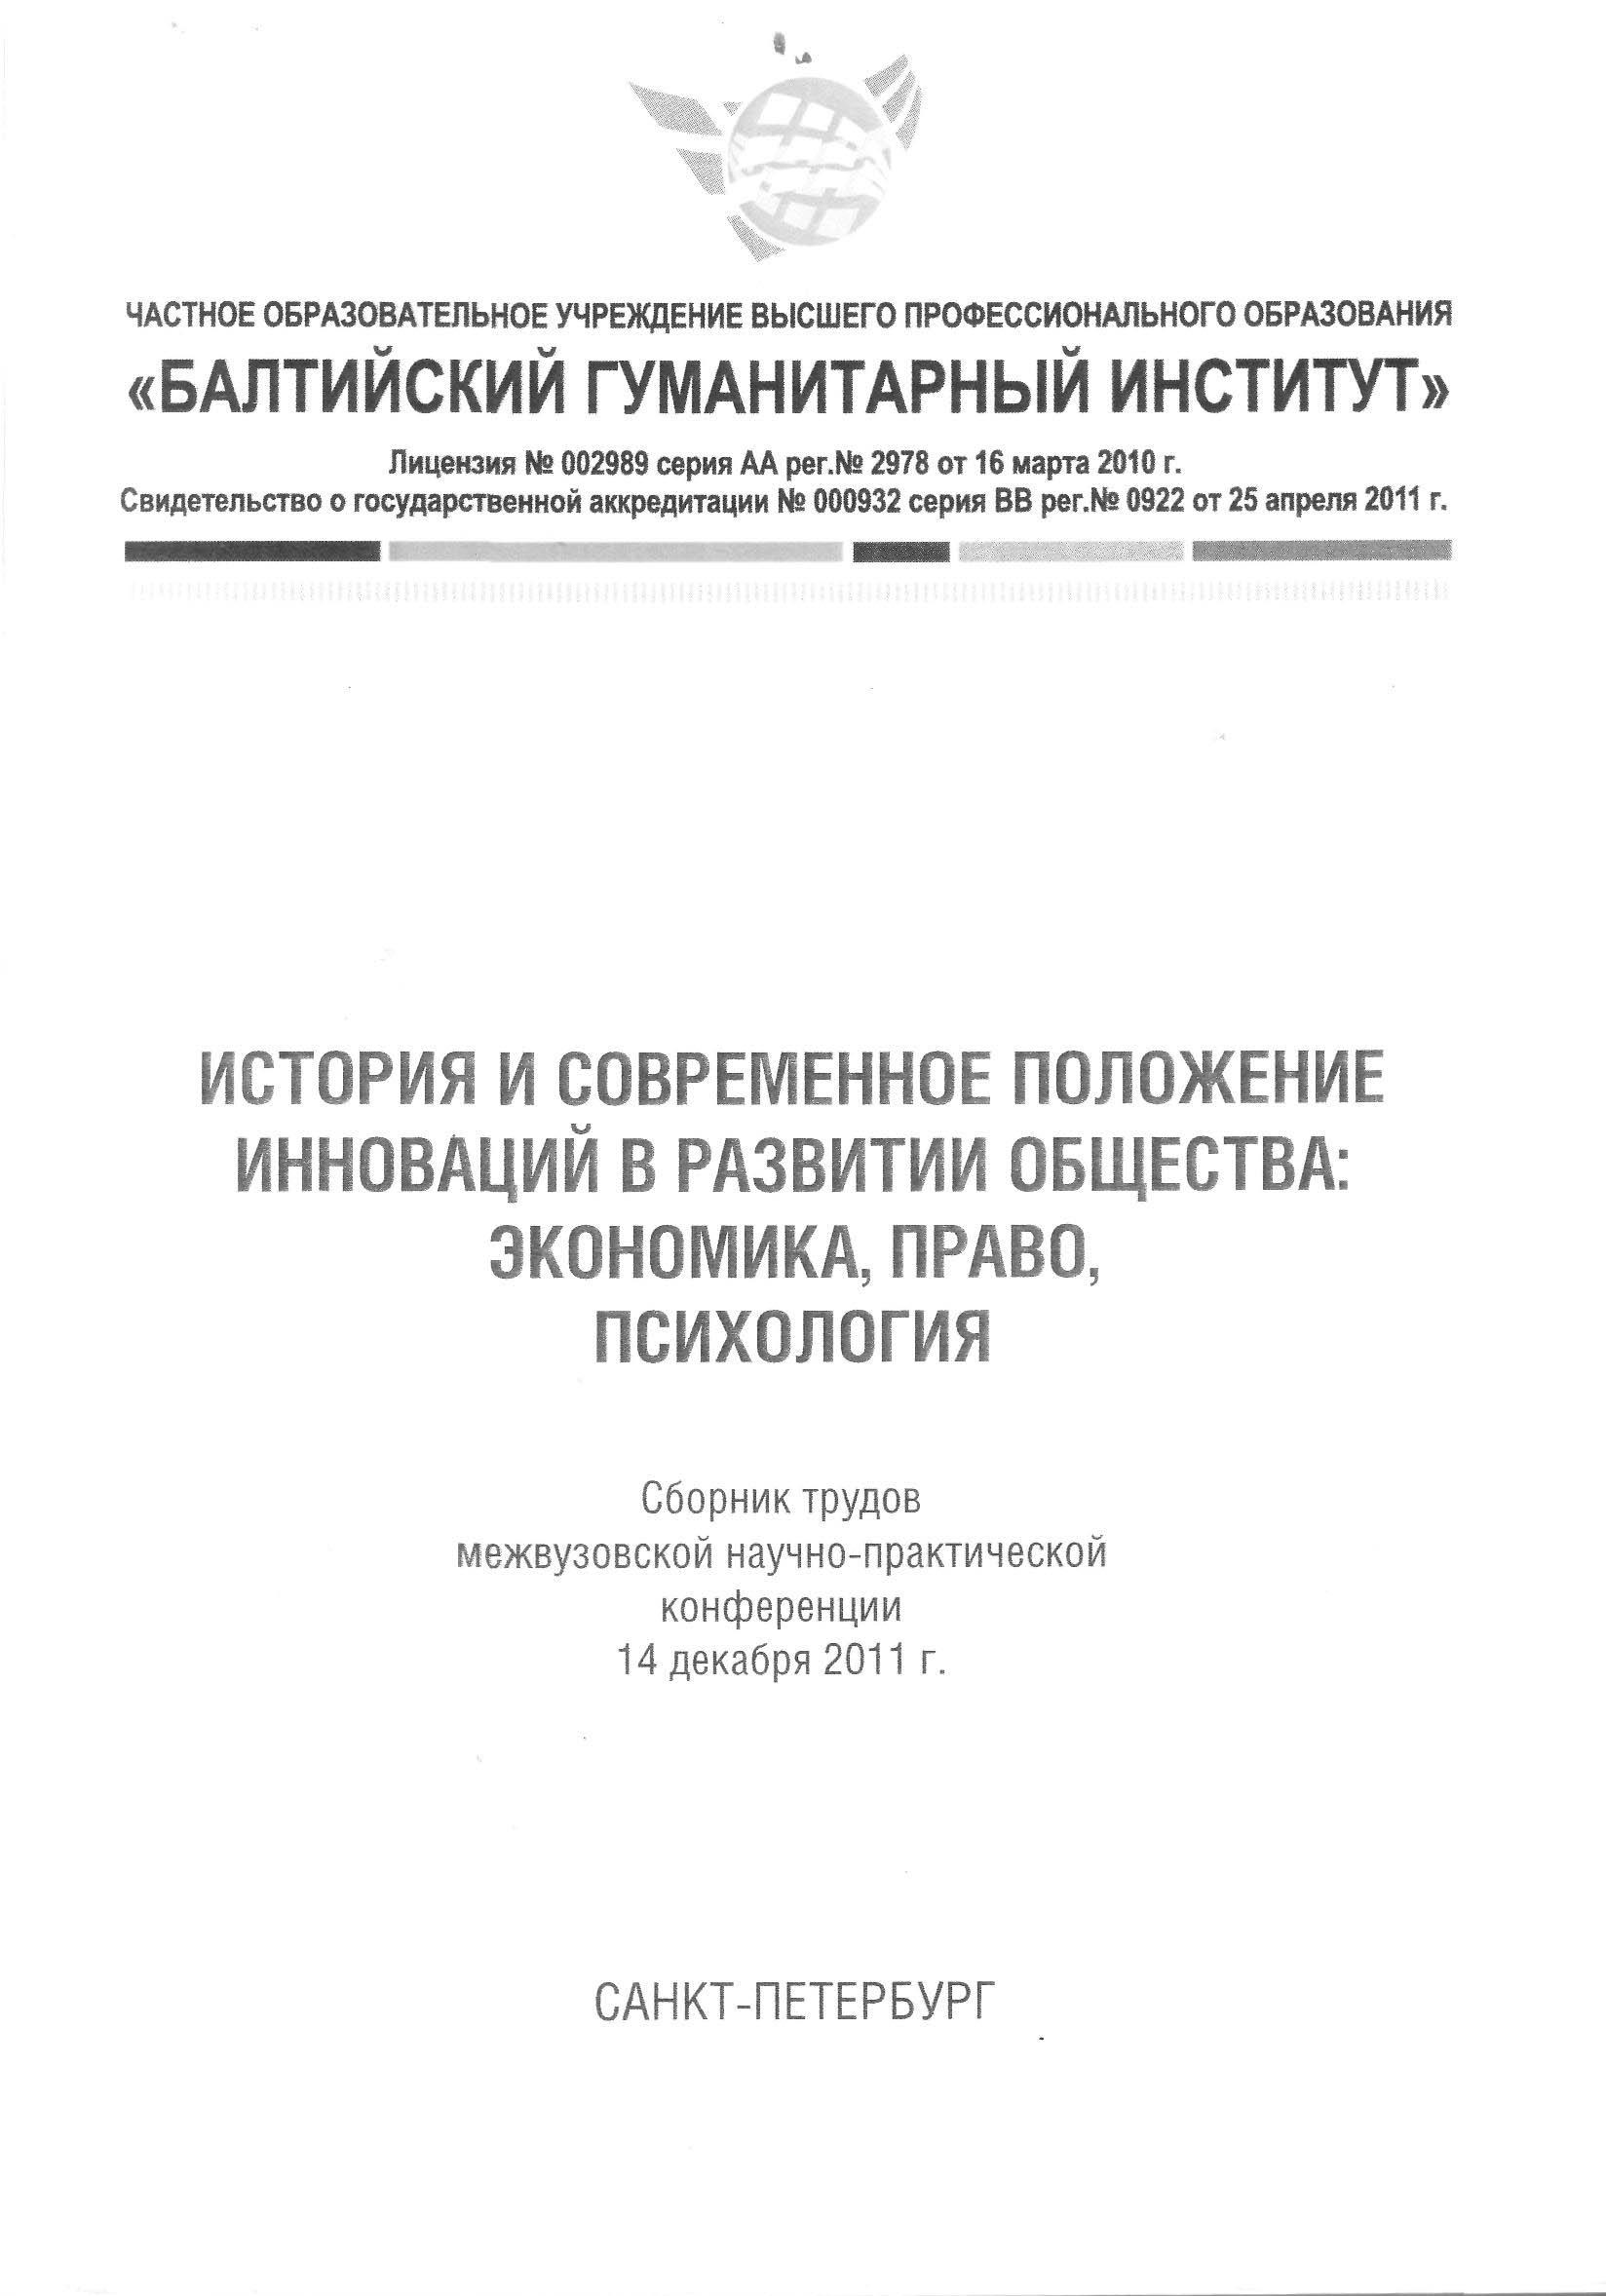 История и современное положение инноваций в развитии общества: экономика, право, психология